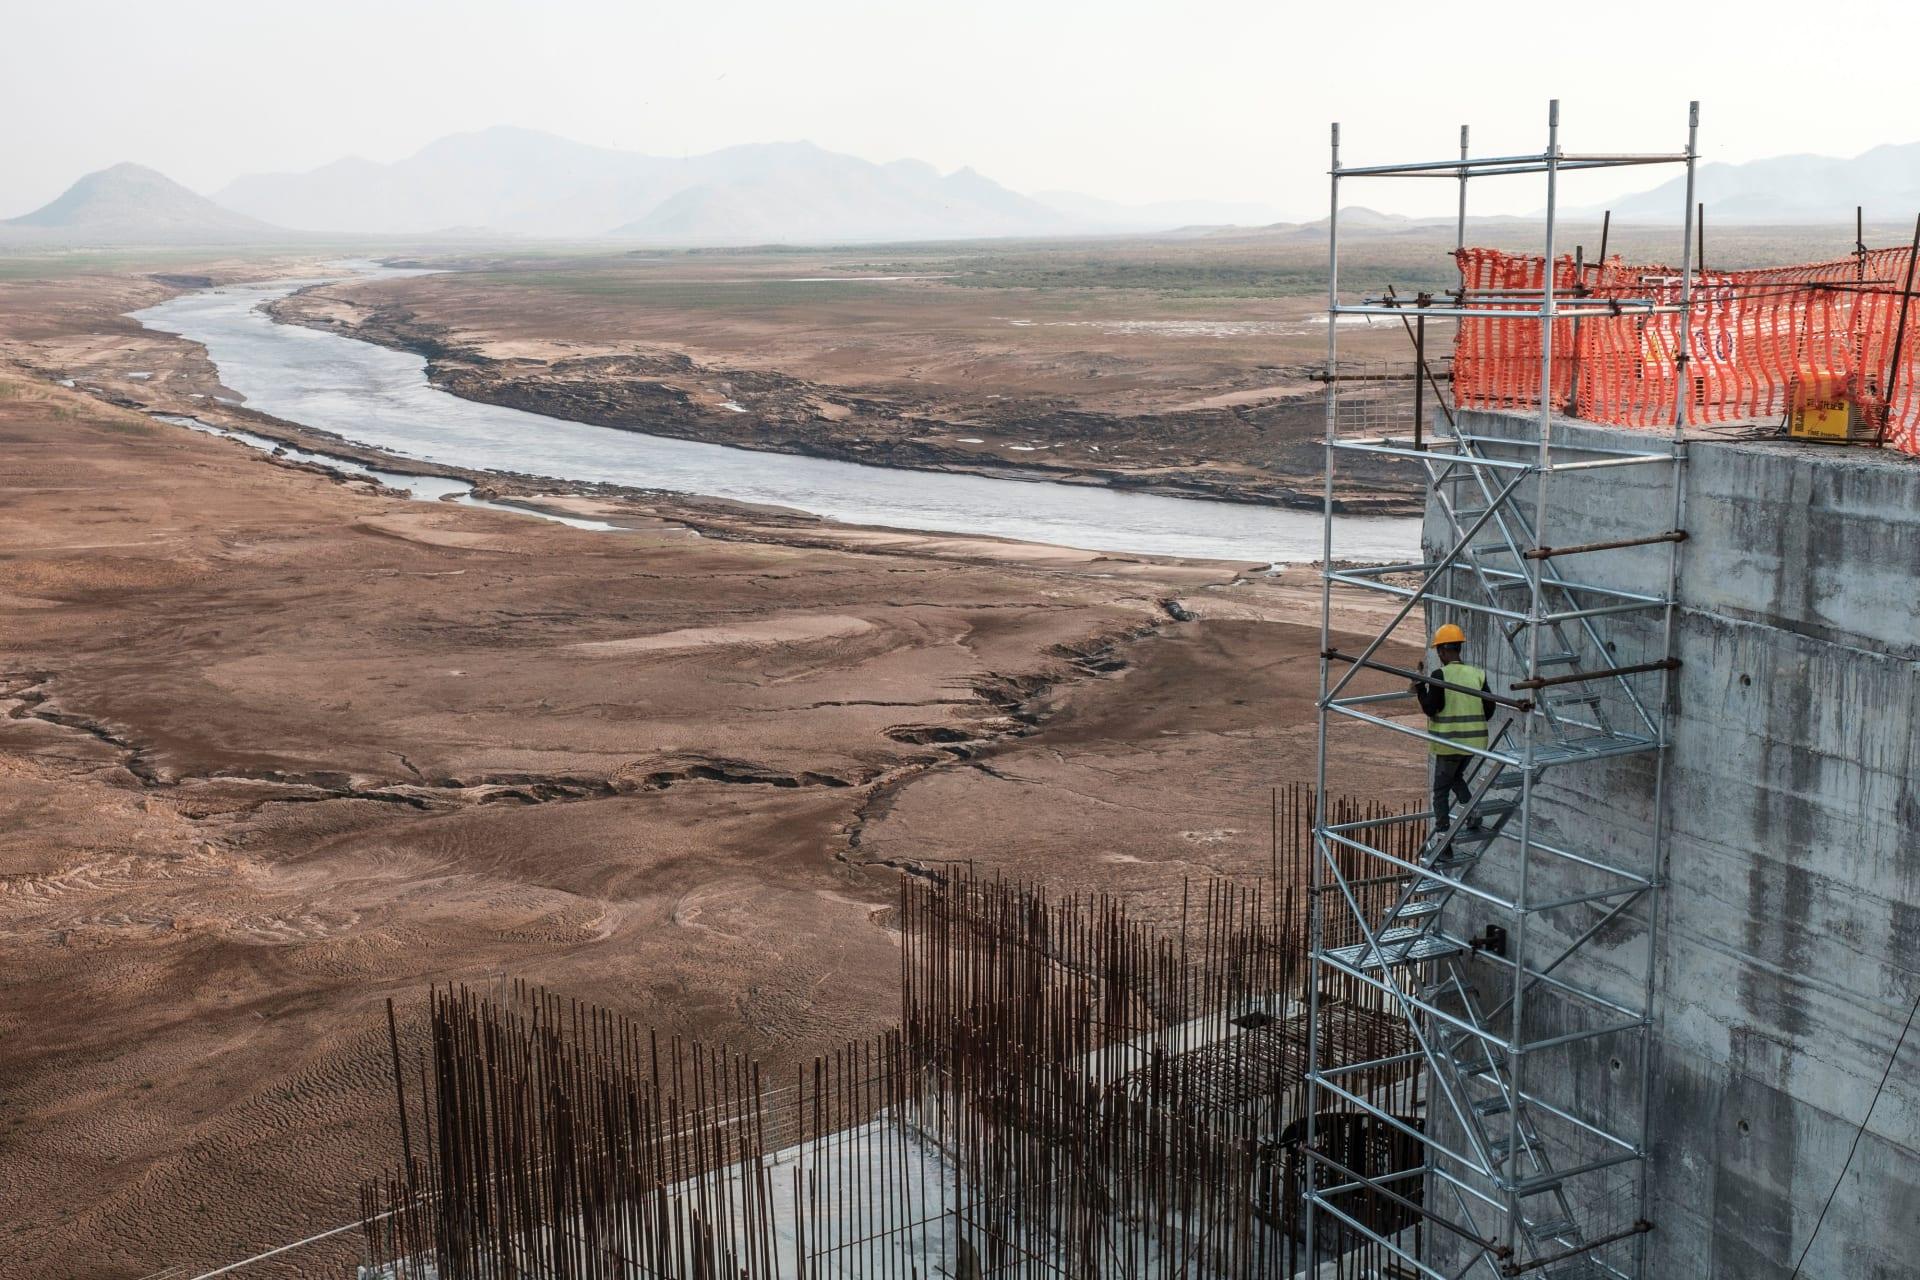 أعمال الإنشاءات في سد النهضة الإثيوبي الذي تدور المفاوضات حوله مع مصر والسودان